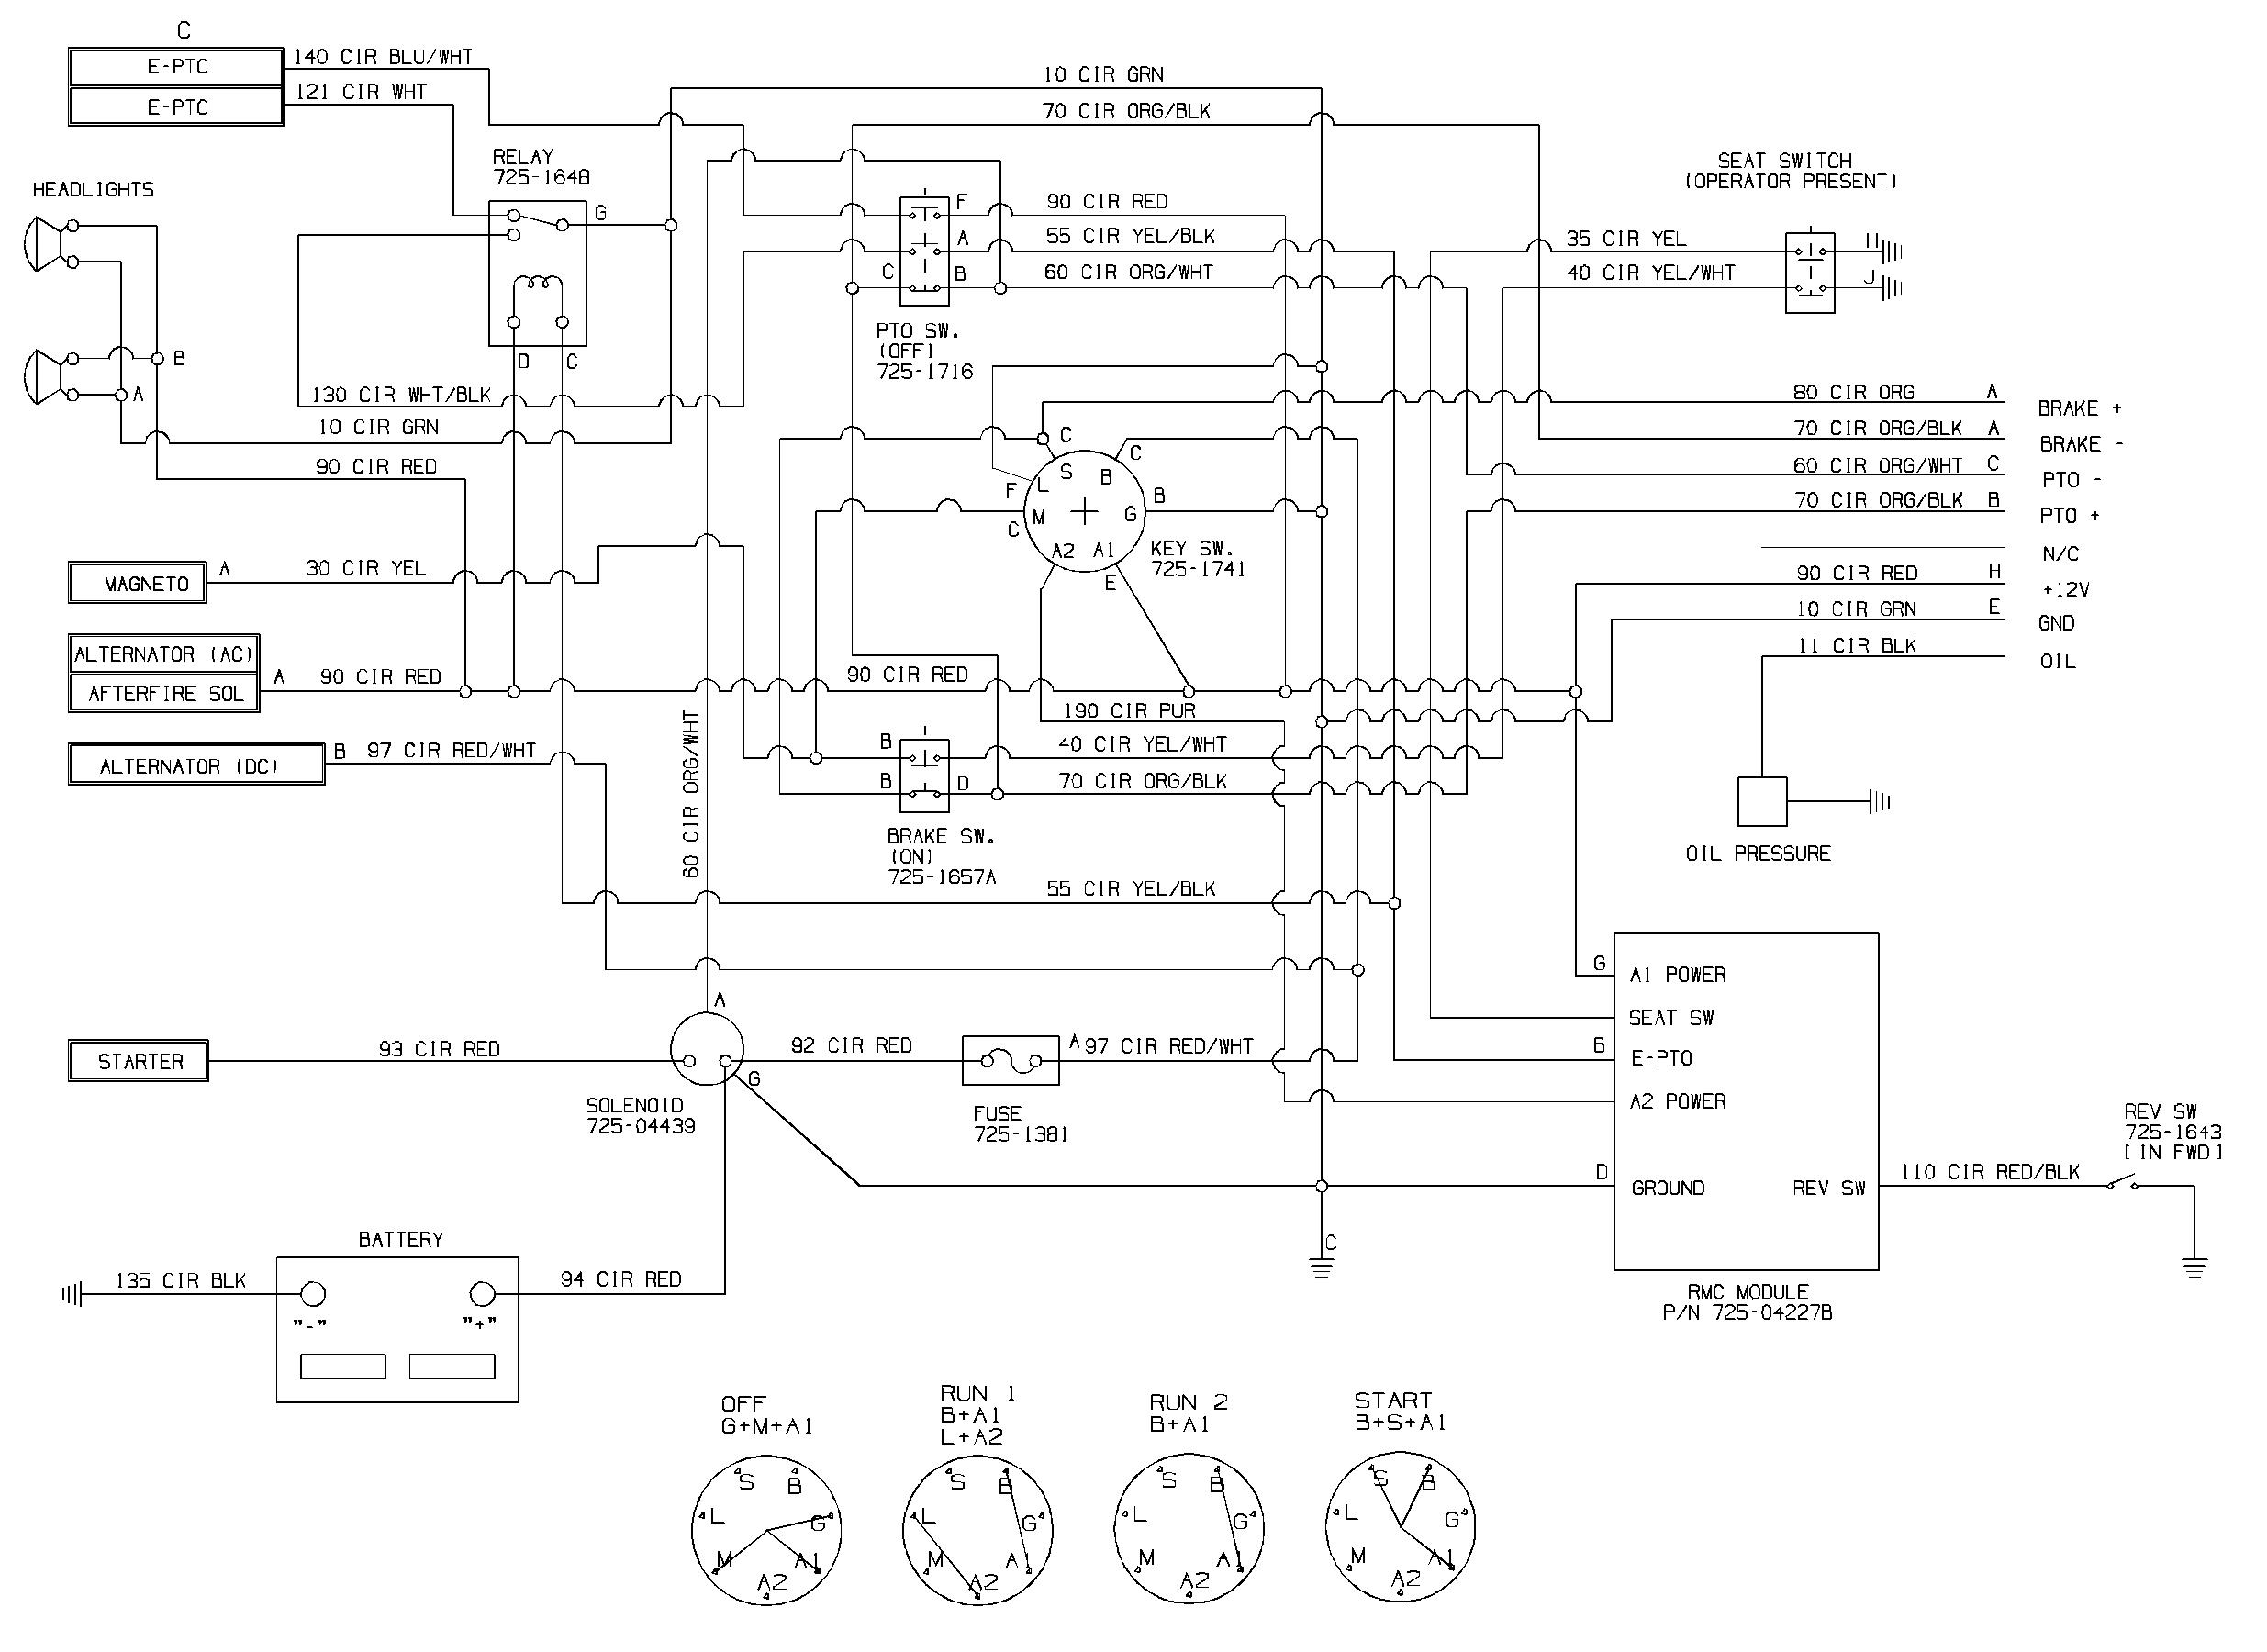 cub cadet 1450 wiring diagram cub cadet ignition switch diagram wiring site resource  cub cadet ignition switch diagram